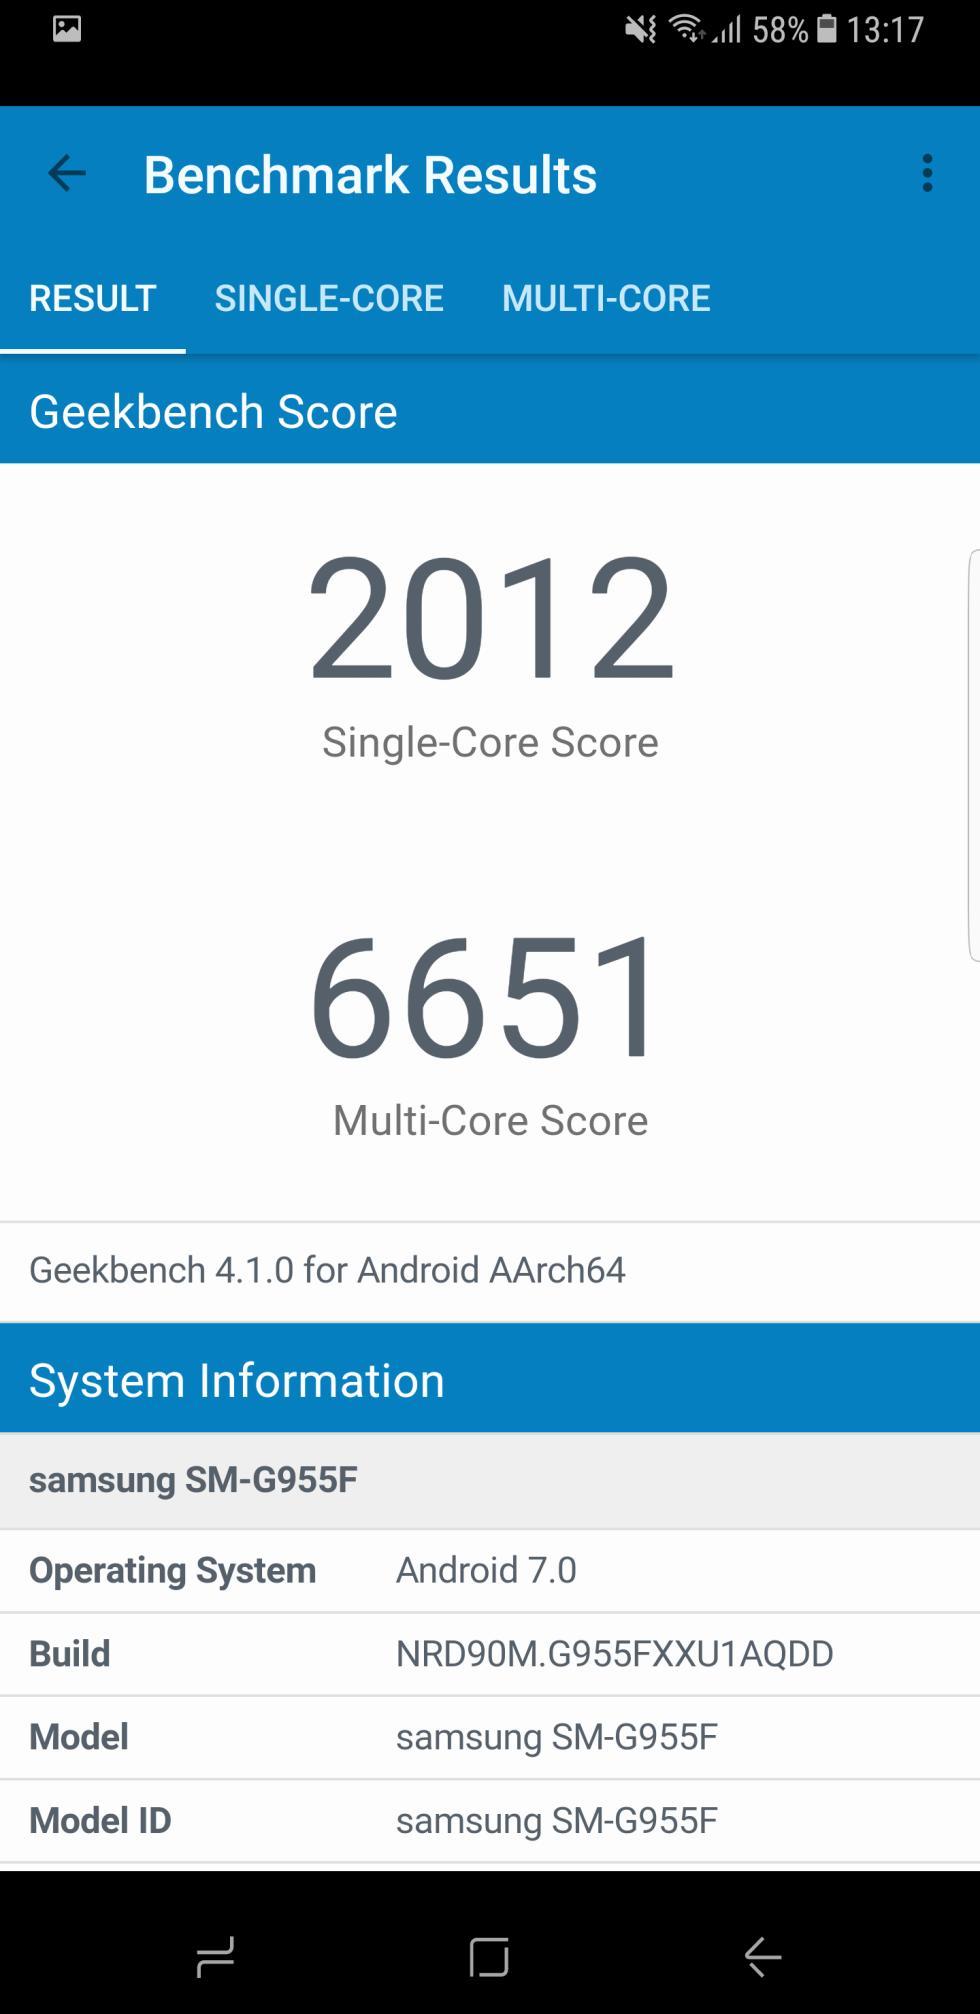 Para terminar, nuestra review del Samsung Galaxy S8+ también incluye la prueba de GeekBench 4